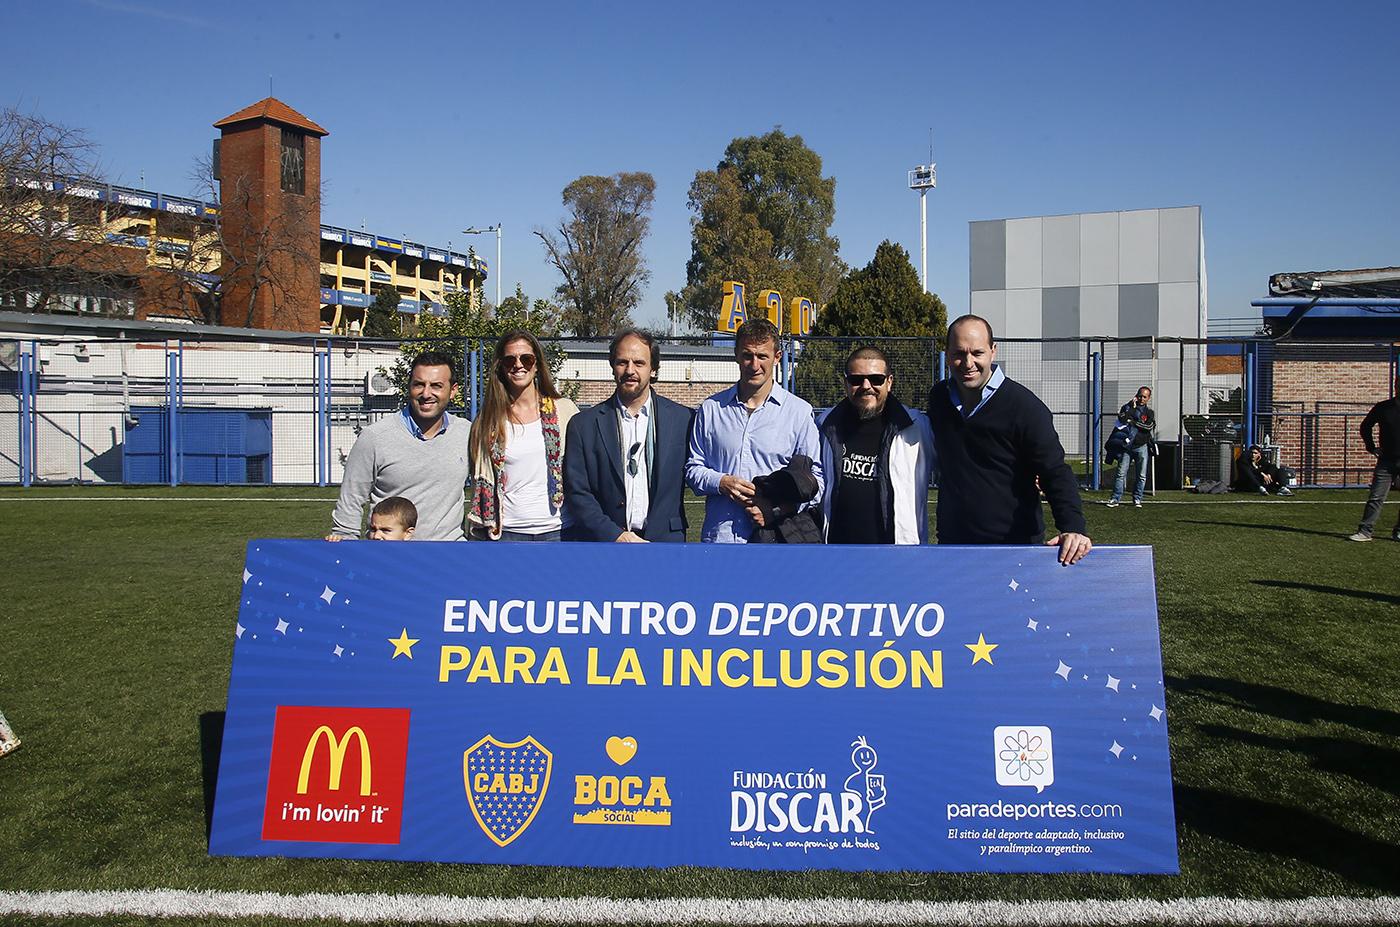 """Con la participación de Paradeportes.com, se realizó en Boca un """"Encuentro deportivo para la inclusión"""""""